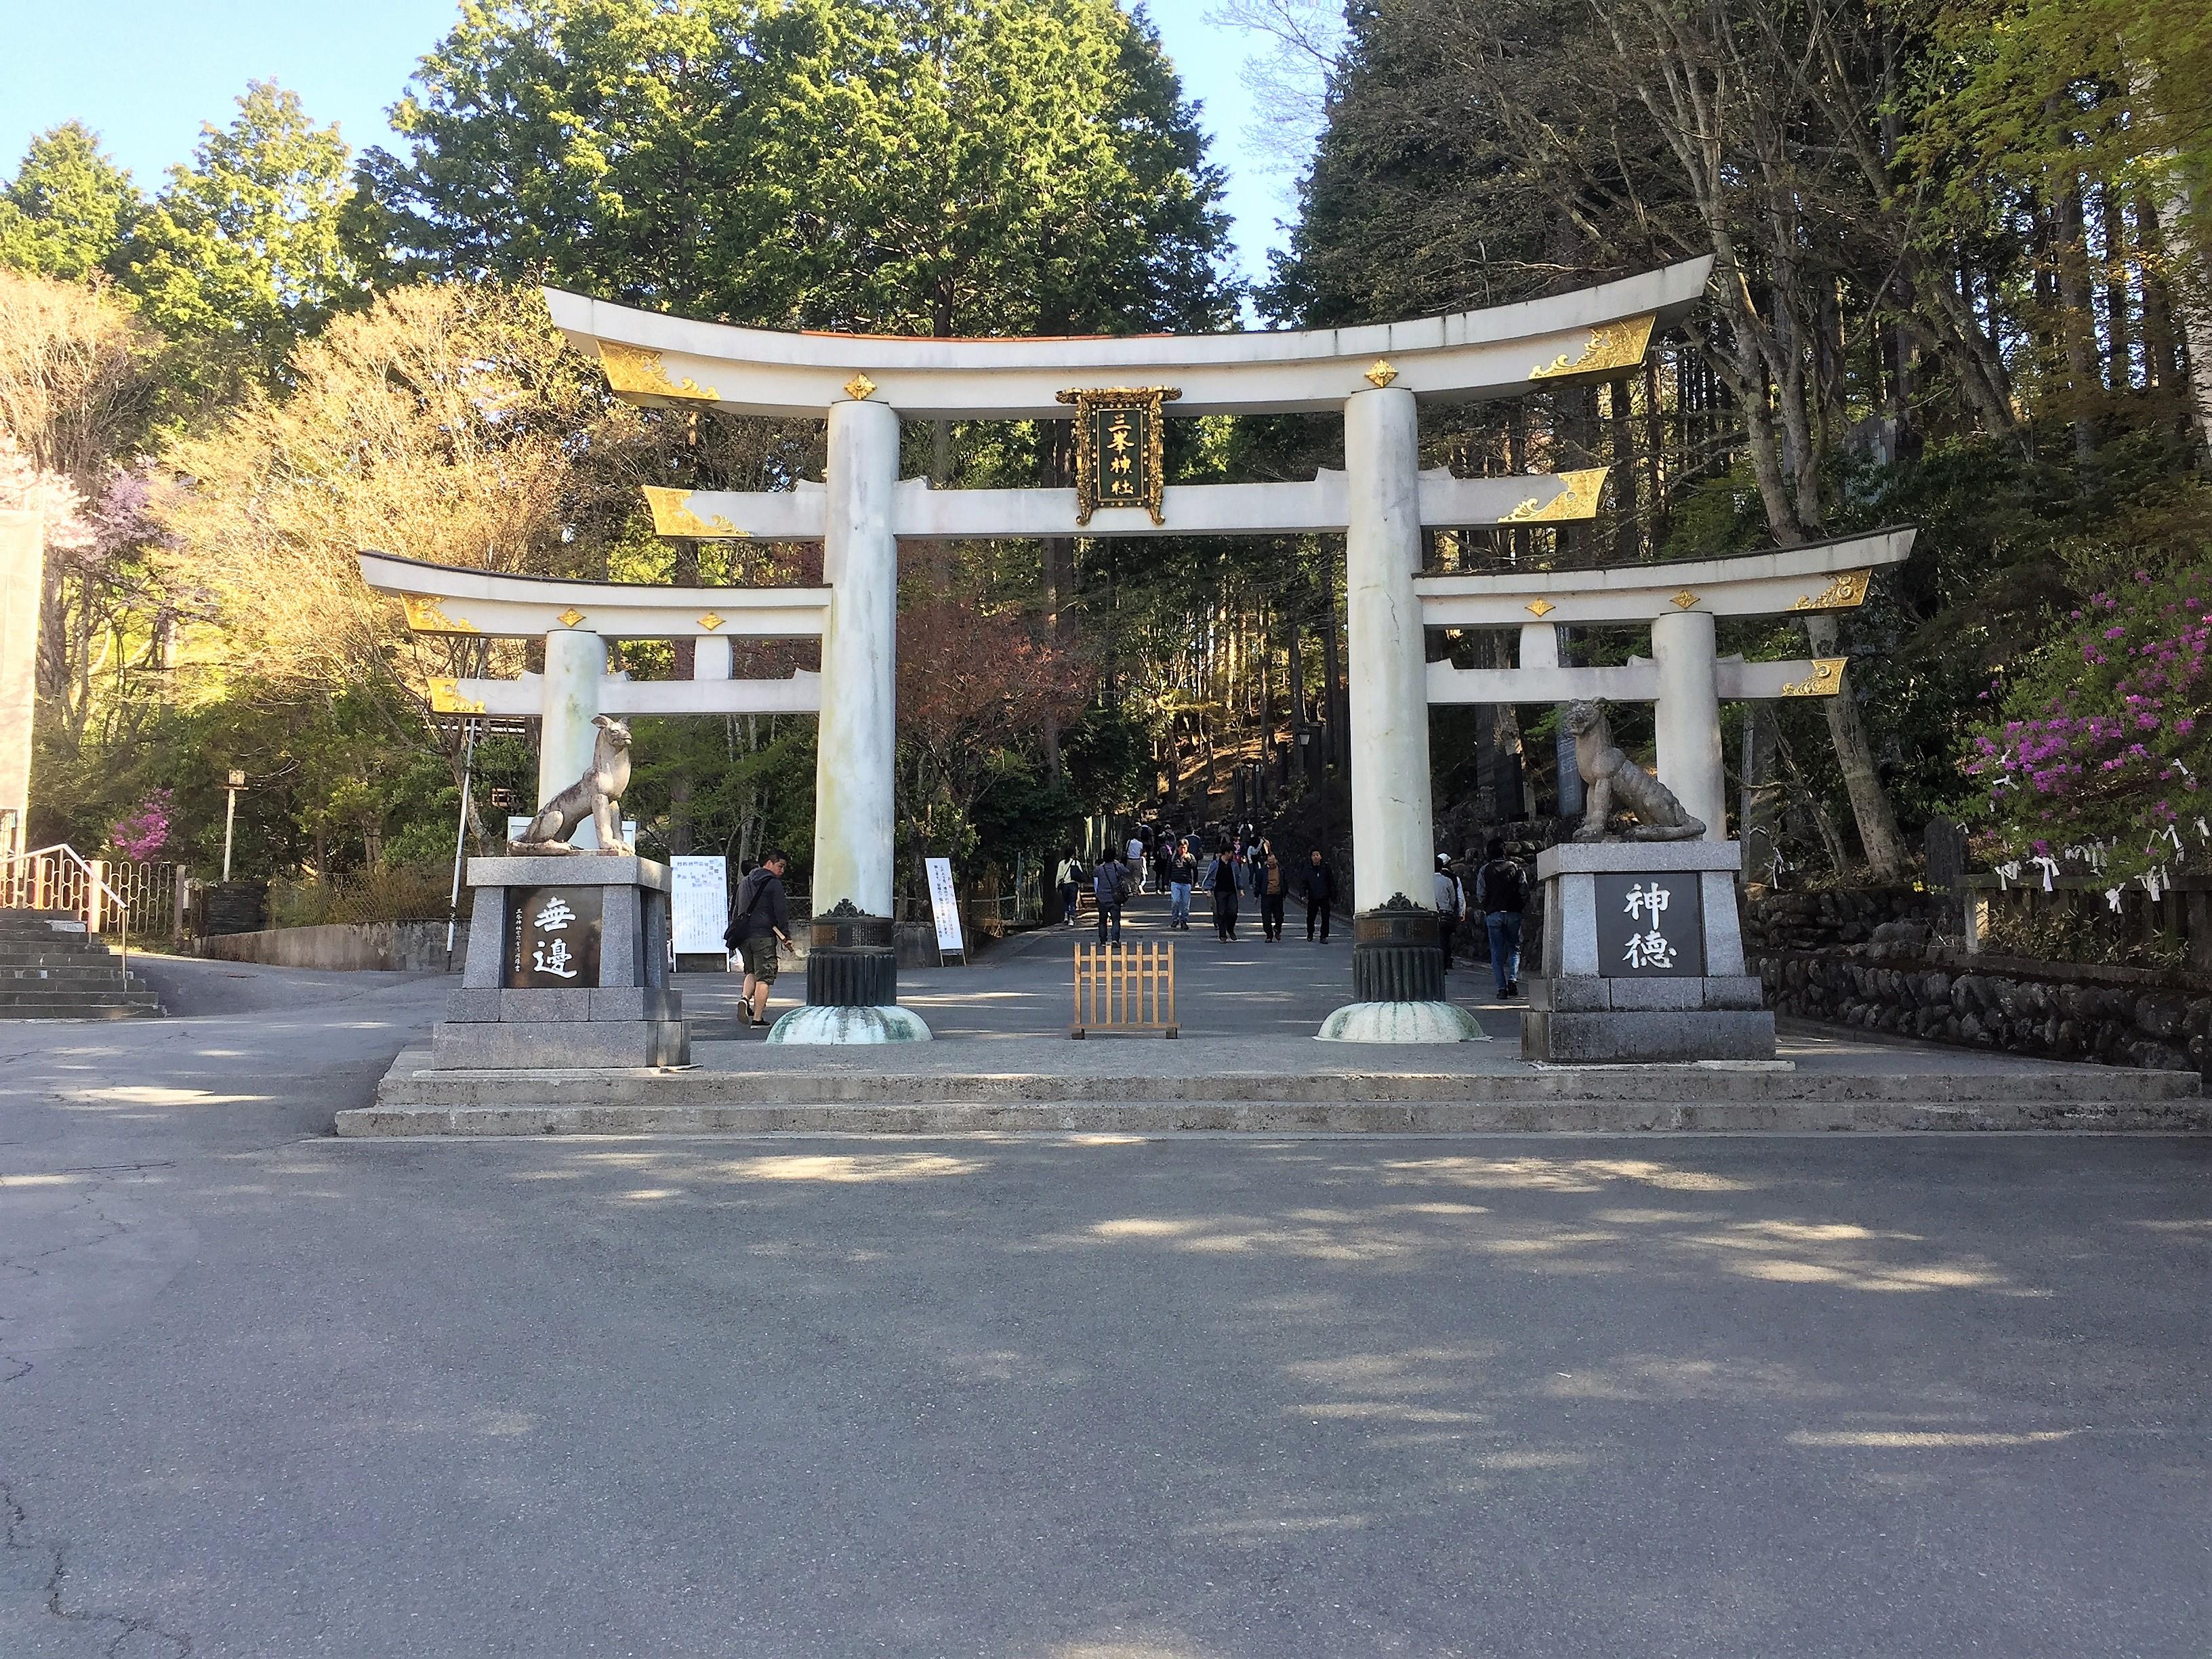 パワースポット三峰神社の裏のお札と呼ばれているものの正体